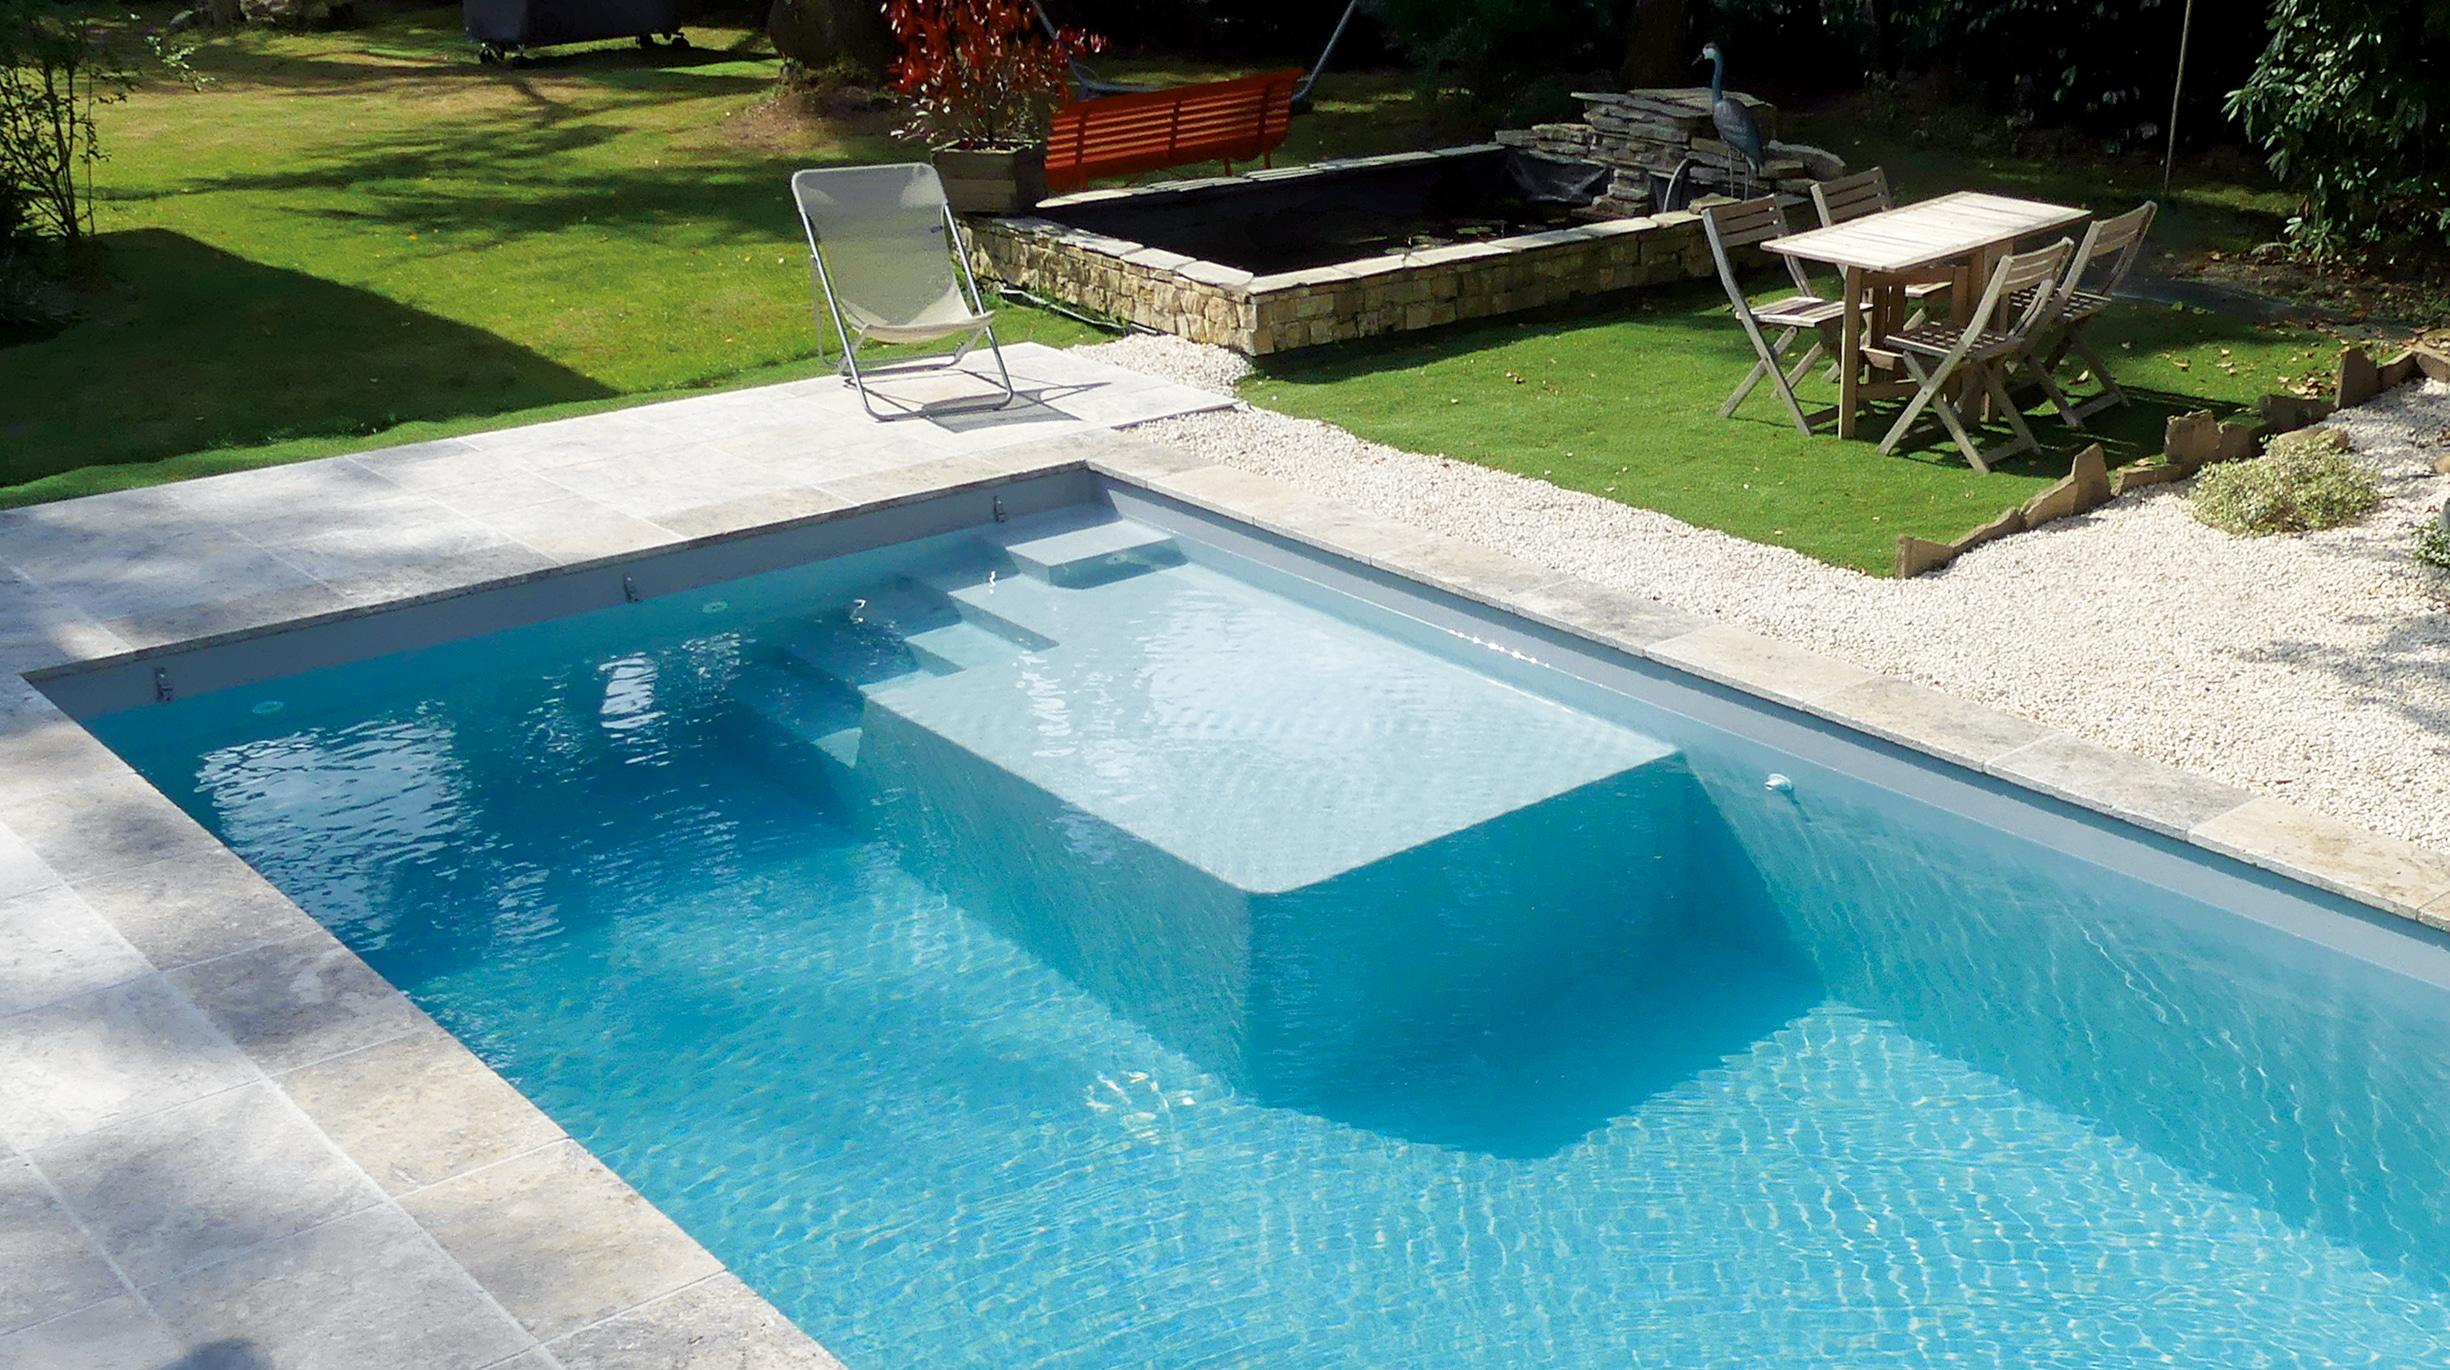 gruissan-plage TOP 5 de nos réalisations de piscines à coques insolites